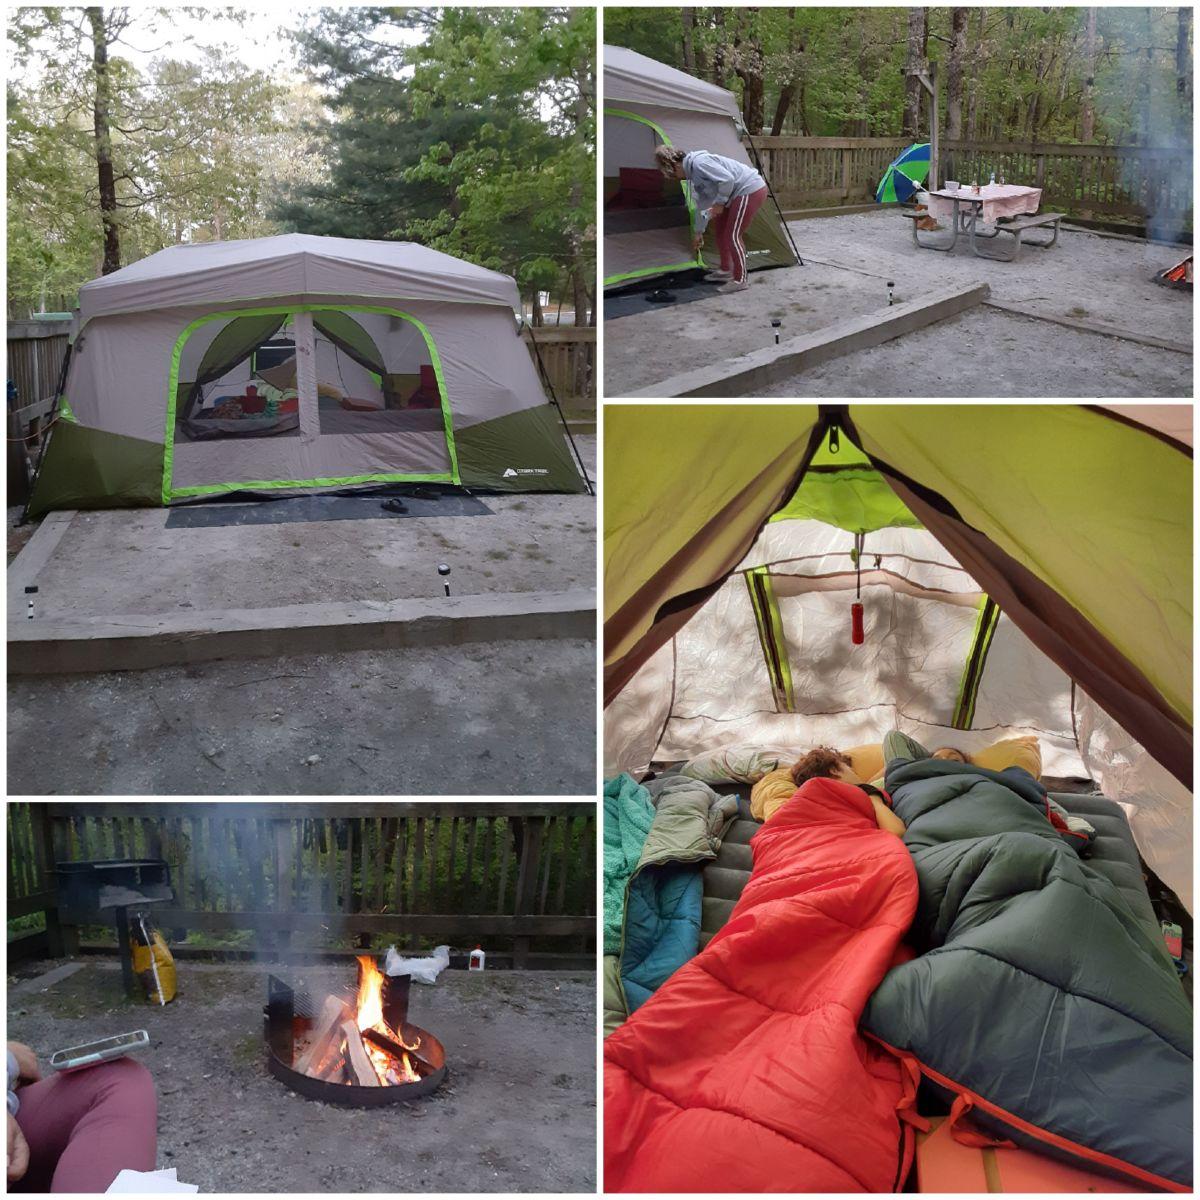 camping-at-amicalola-state-park-camping-and-traveling-reviews